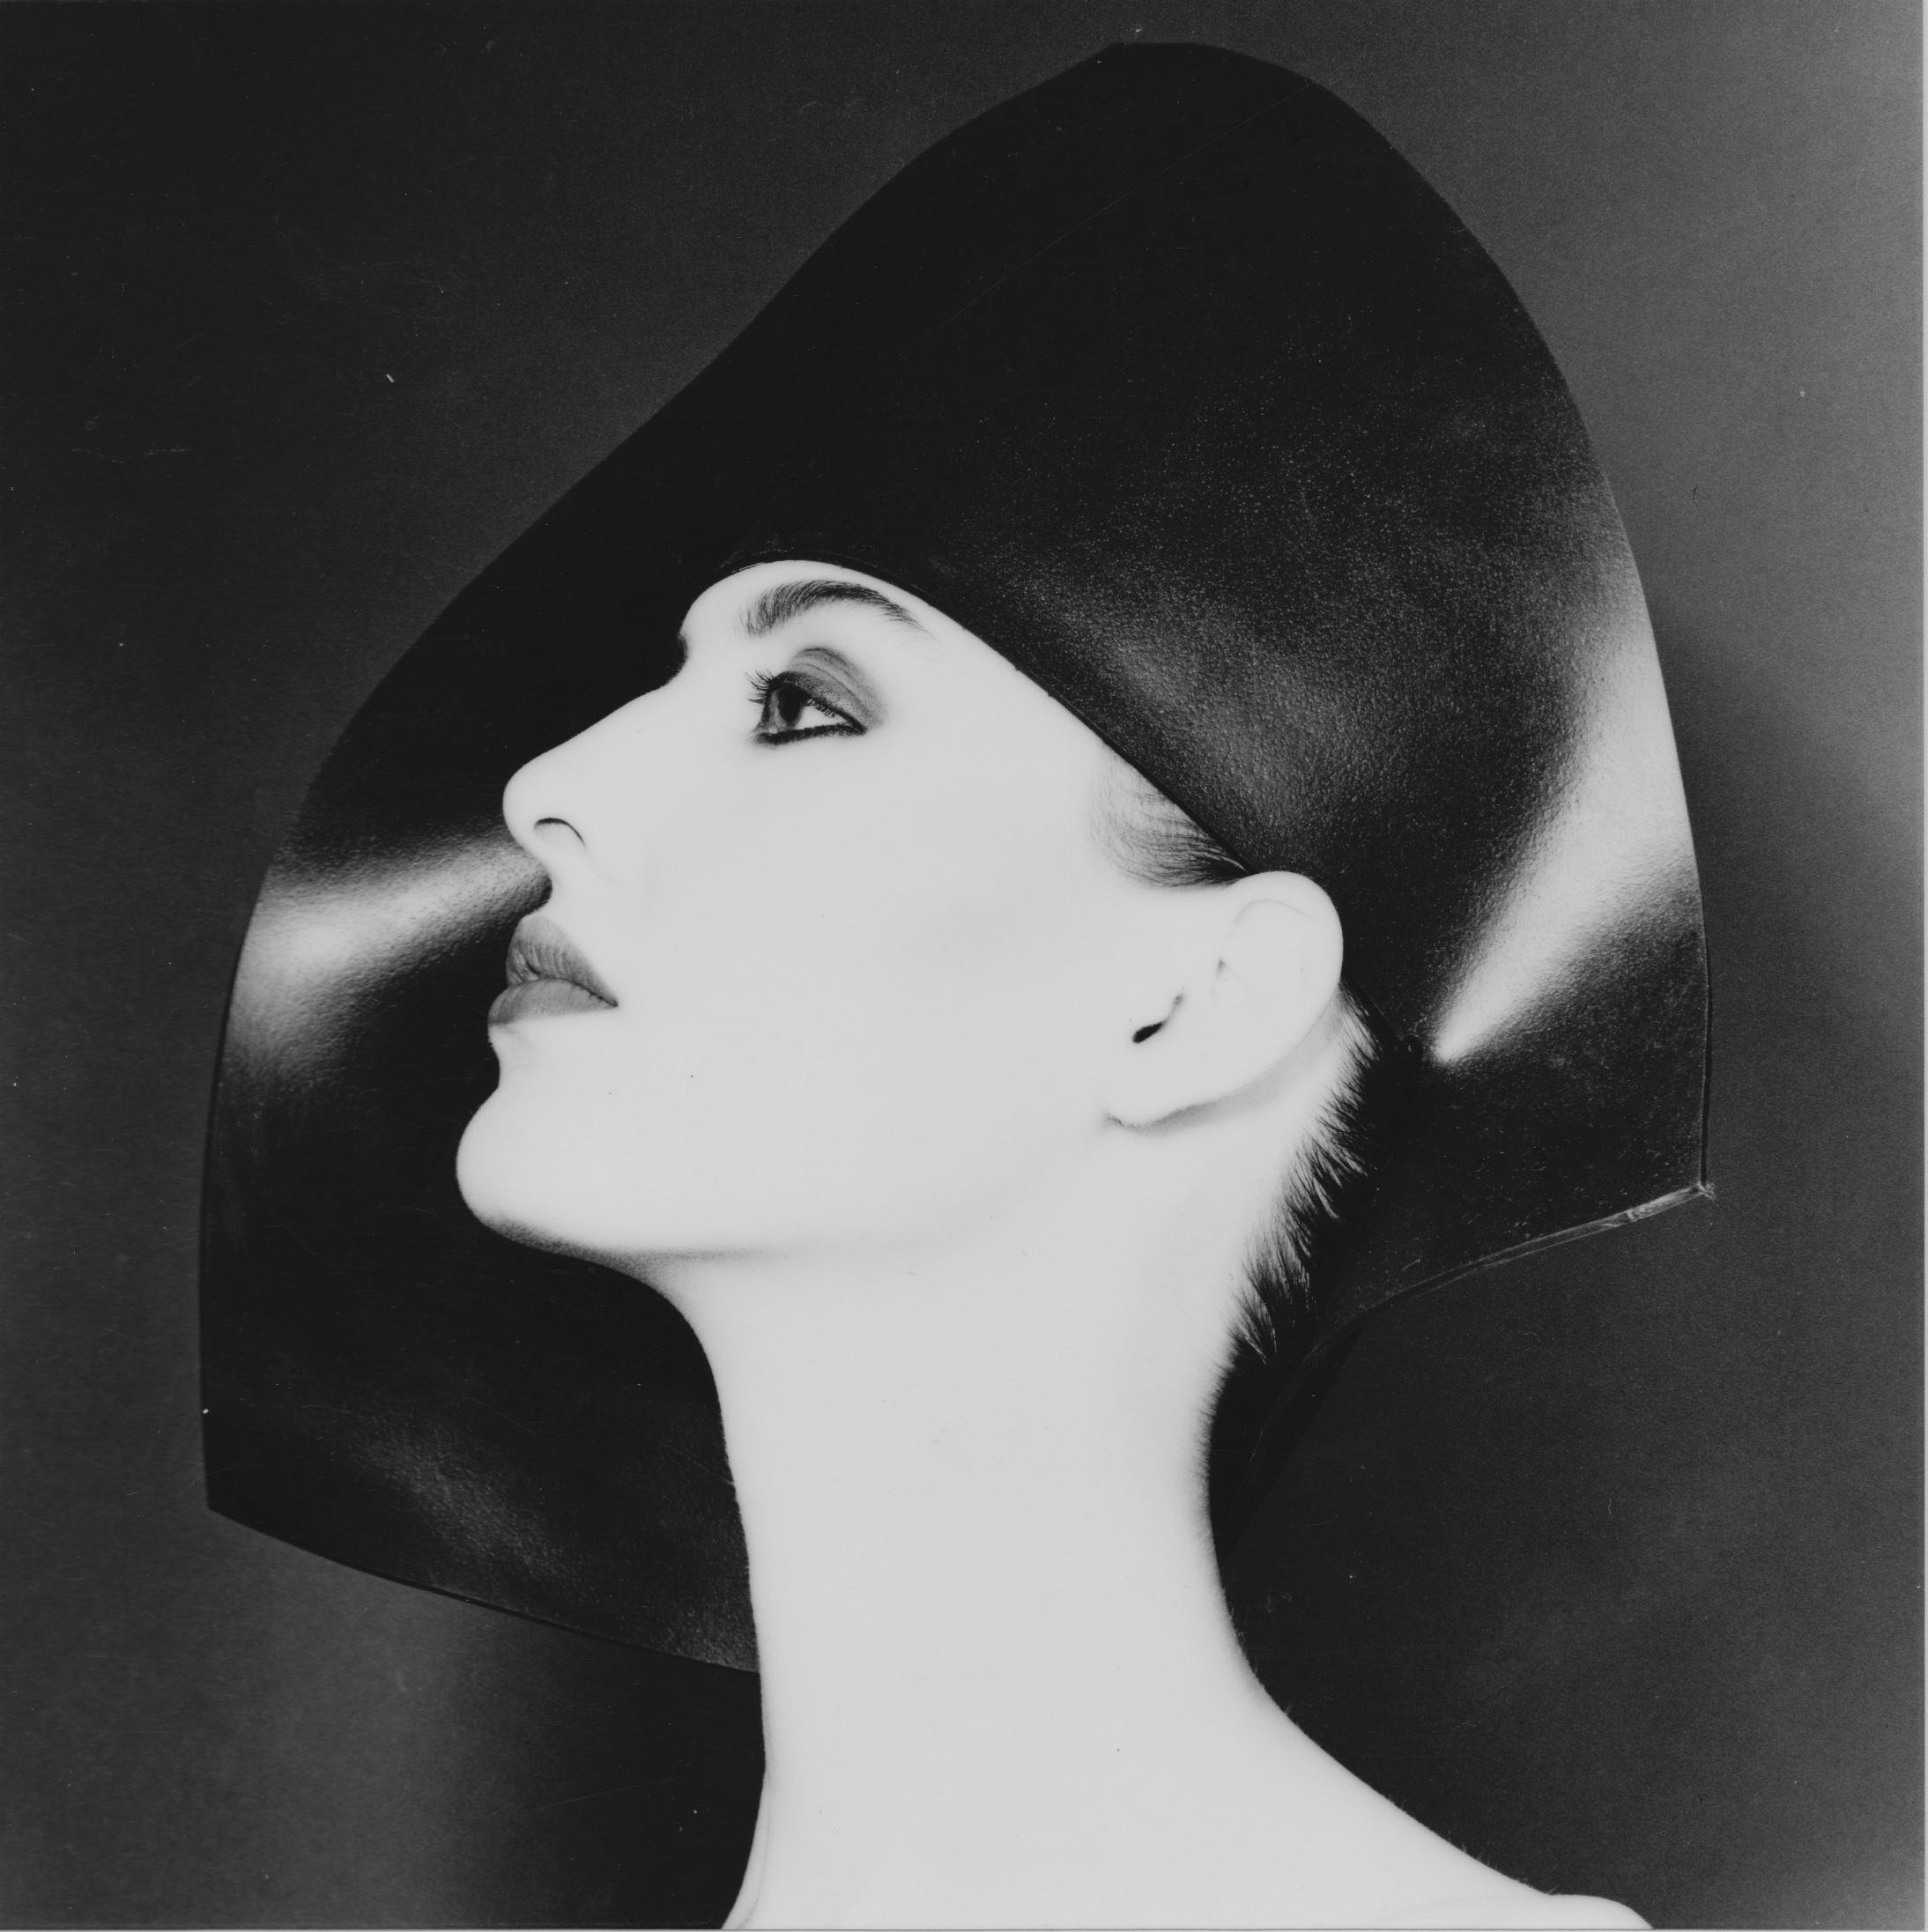 Maria Blaisse, Flexicap, 1985-1989